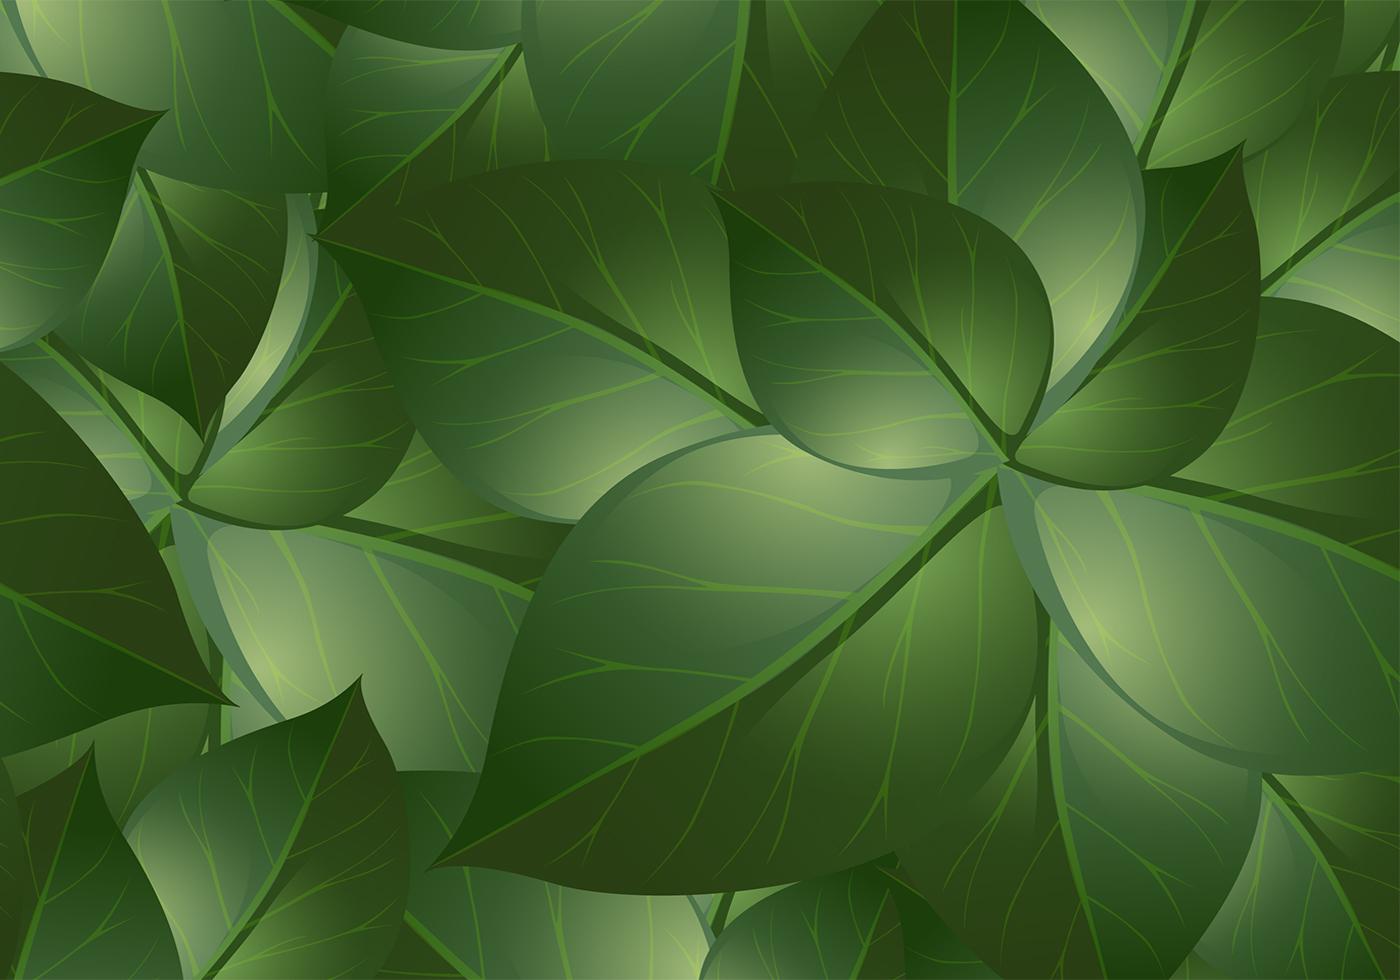 green leaf backgrounds